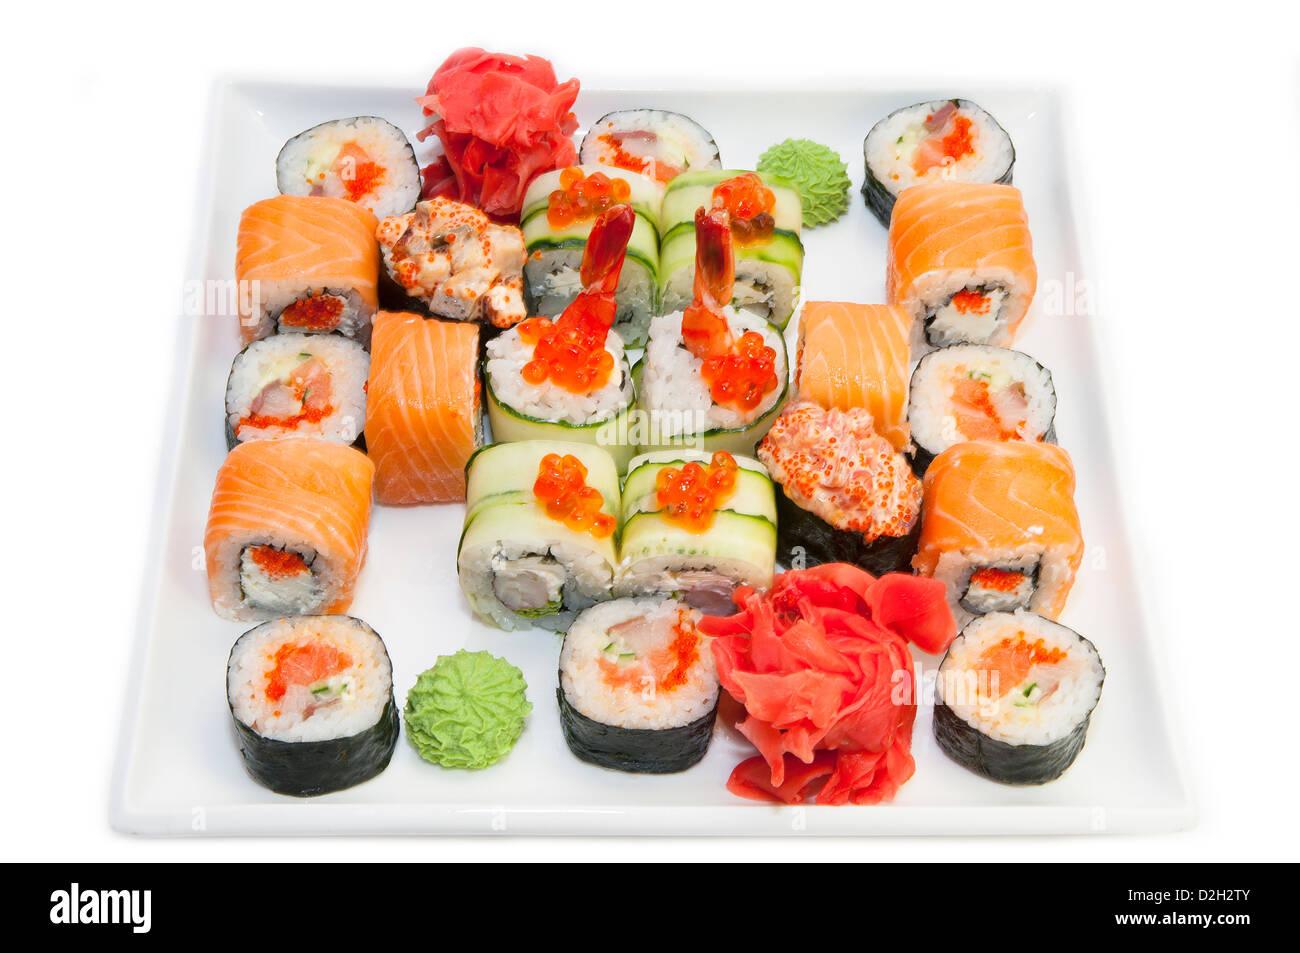 Japanese sushi - Stock Image